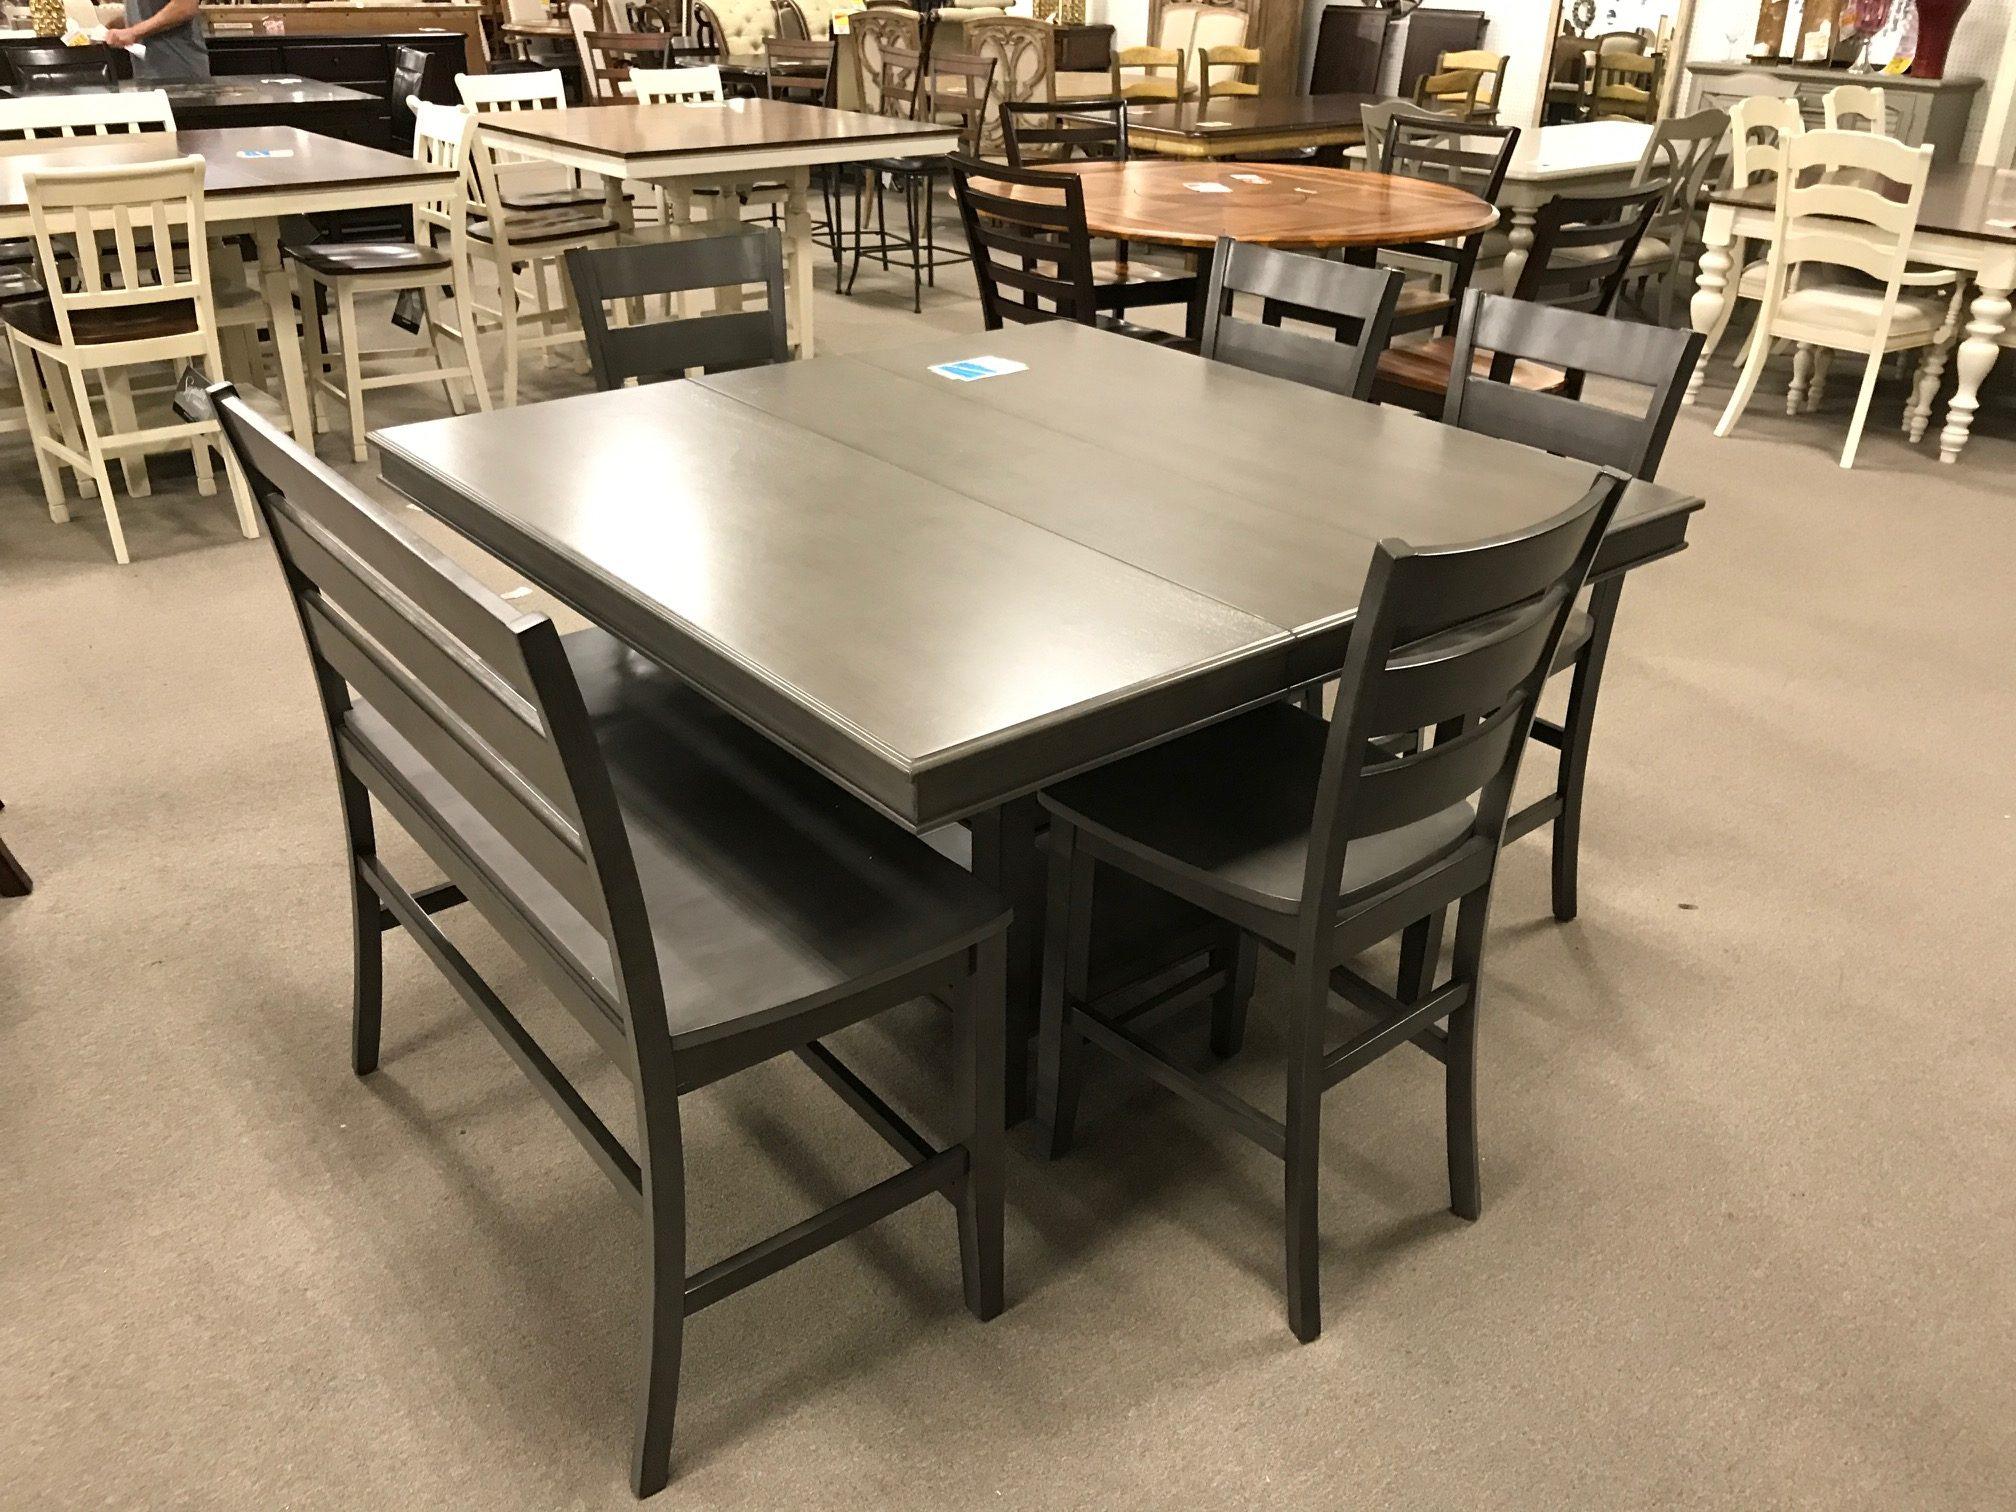 Gray Dining Room Set - Heavner Furniture Market